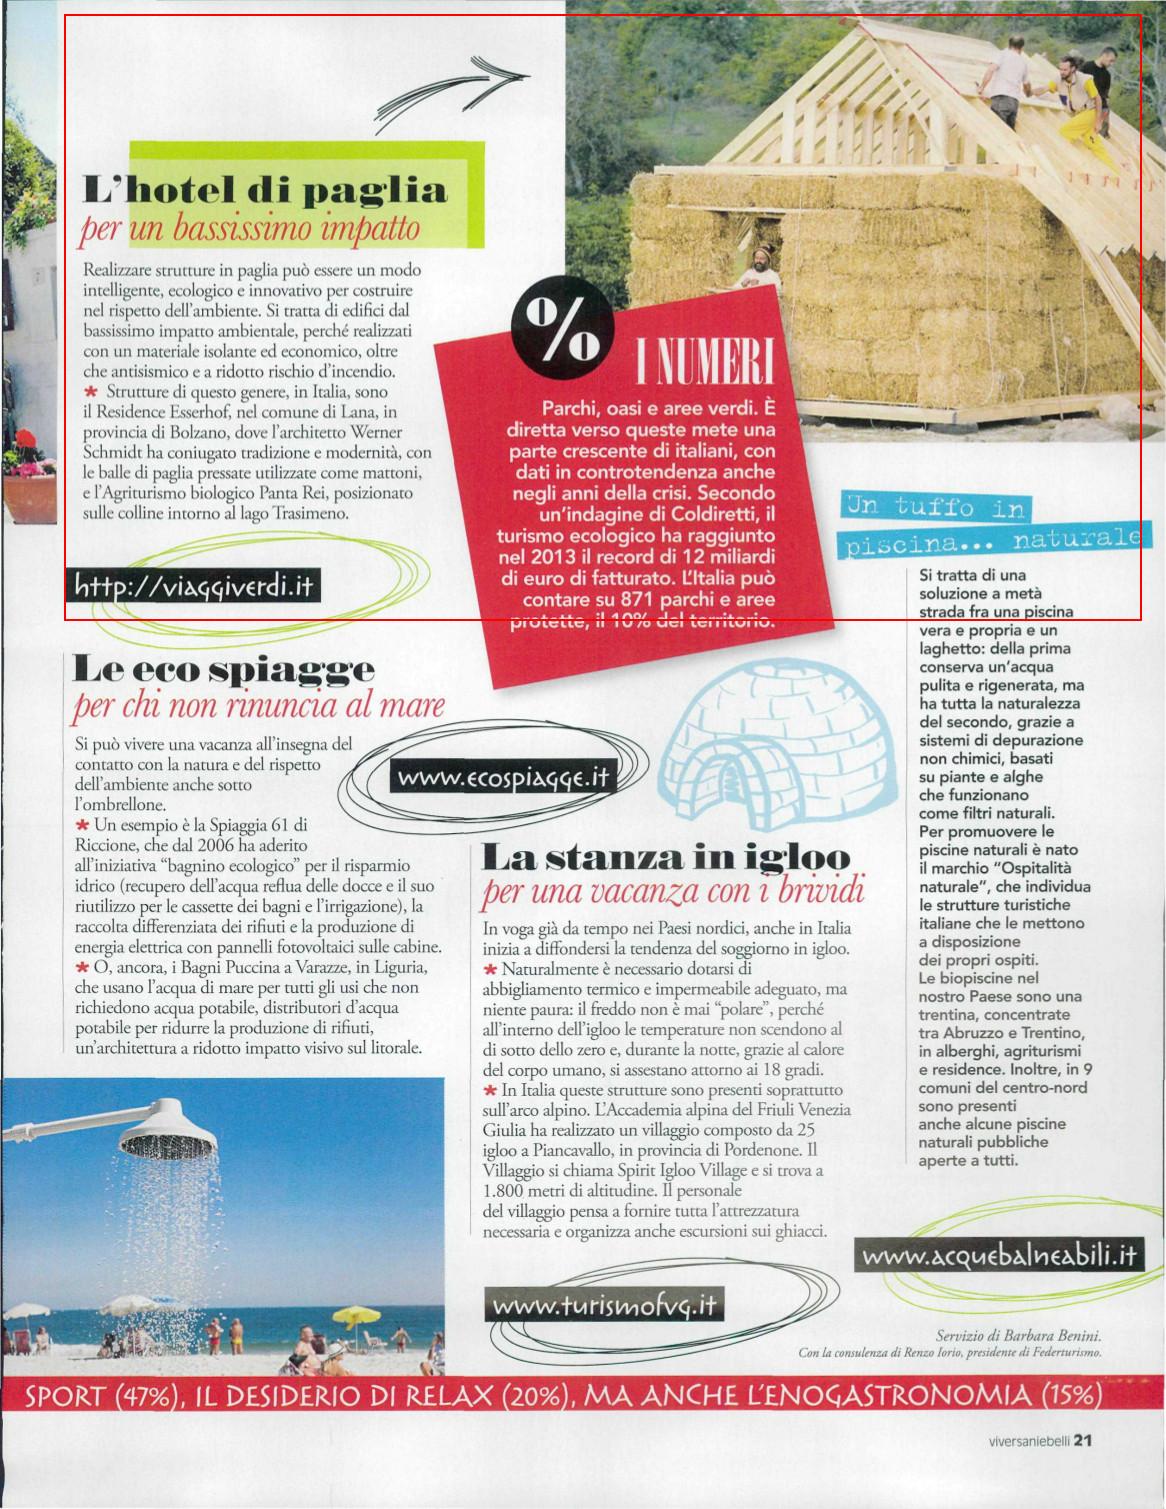 Viversani e Belli del 25 luglio, alcuni spunti per Viaggiare eco sostenibile